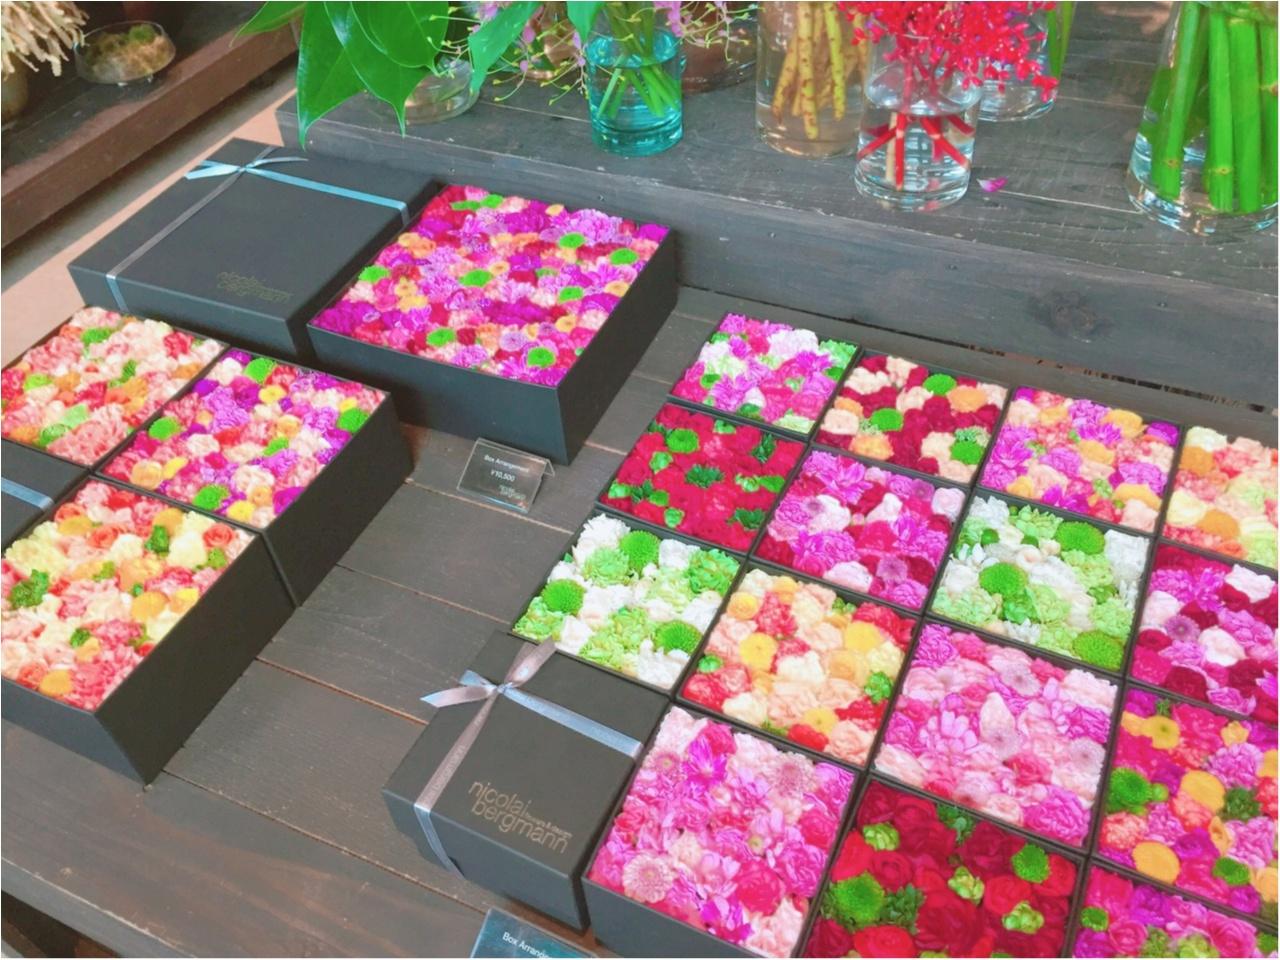 お花の空間に魅了!ニコライバーグマンのカフェがおしゃれすぎる!!_2